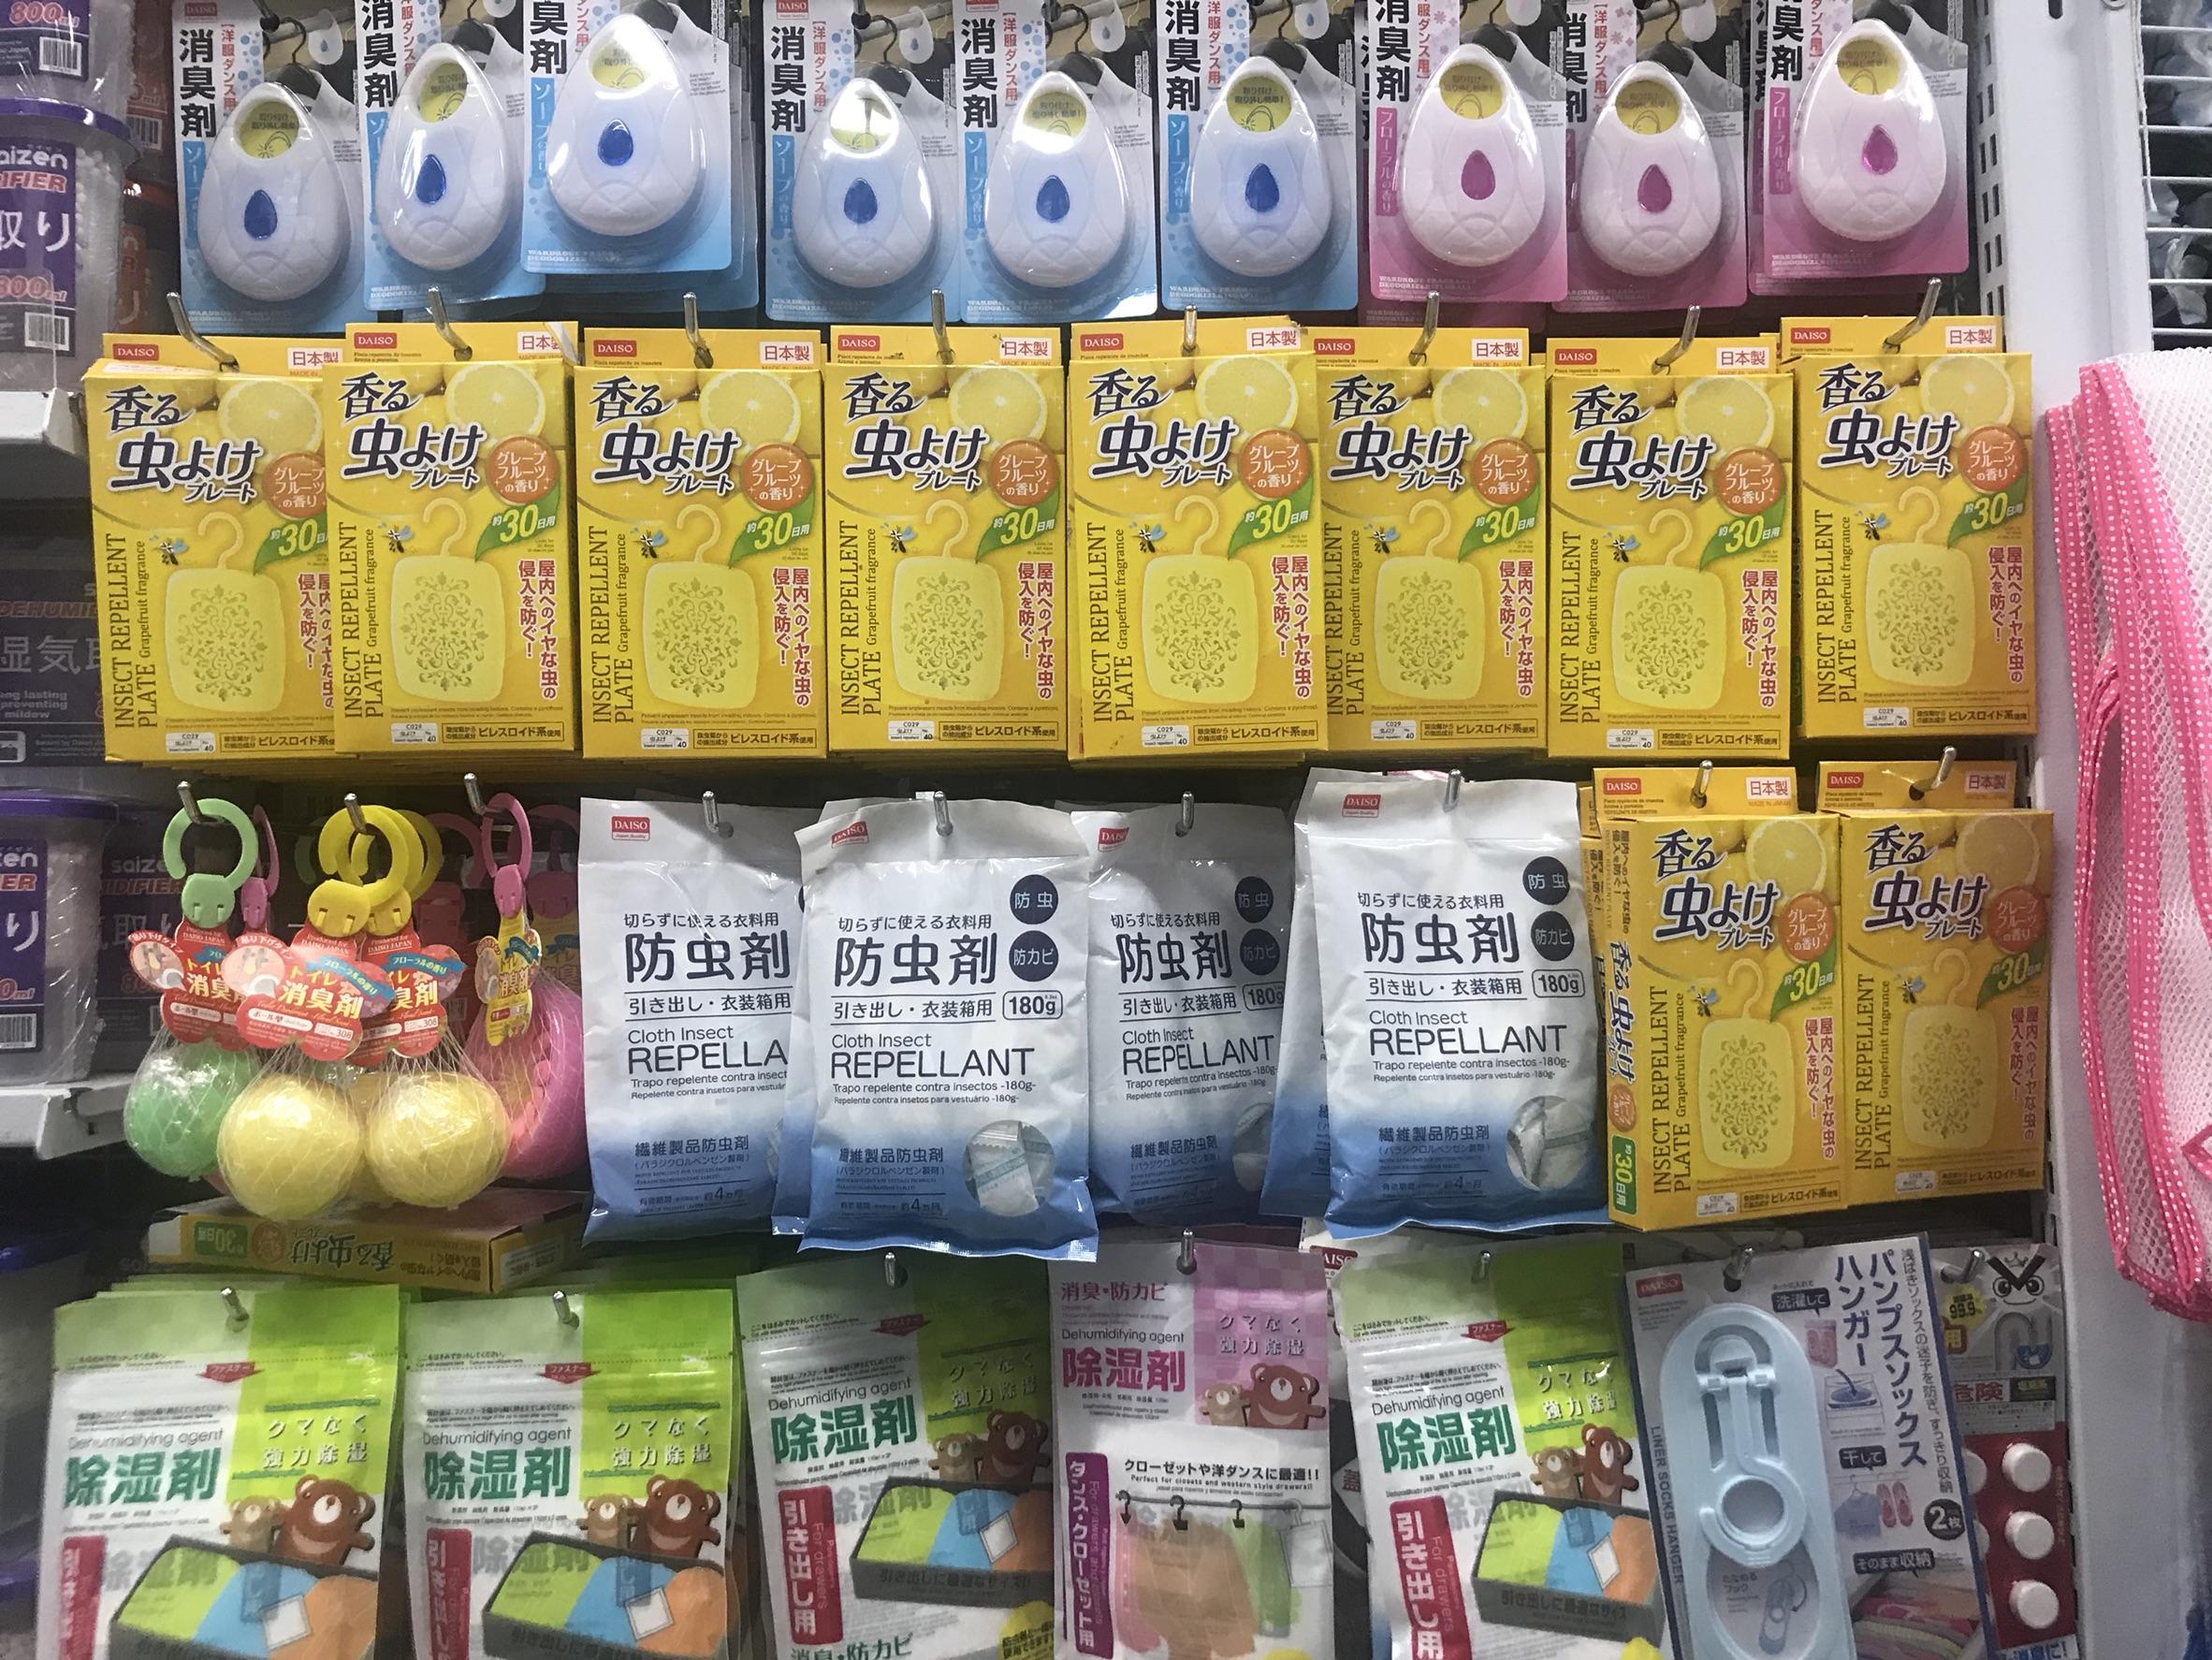 セブ島でも日本の「DAISO」商品を購入できます♪